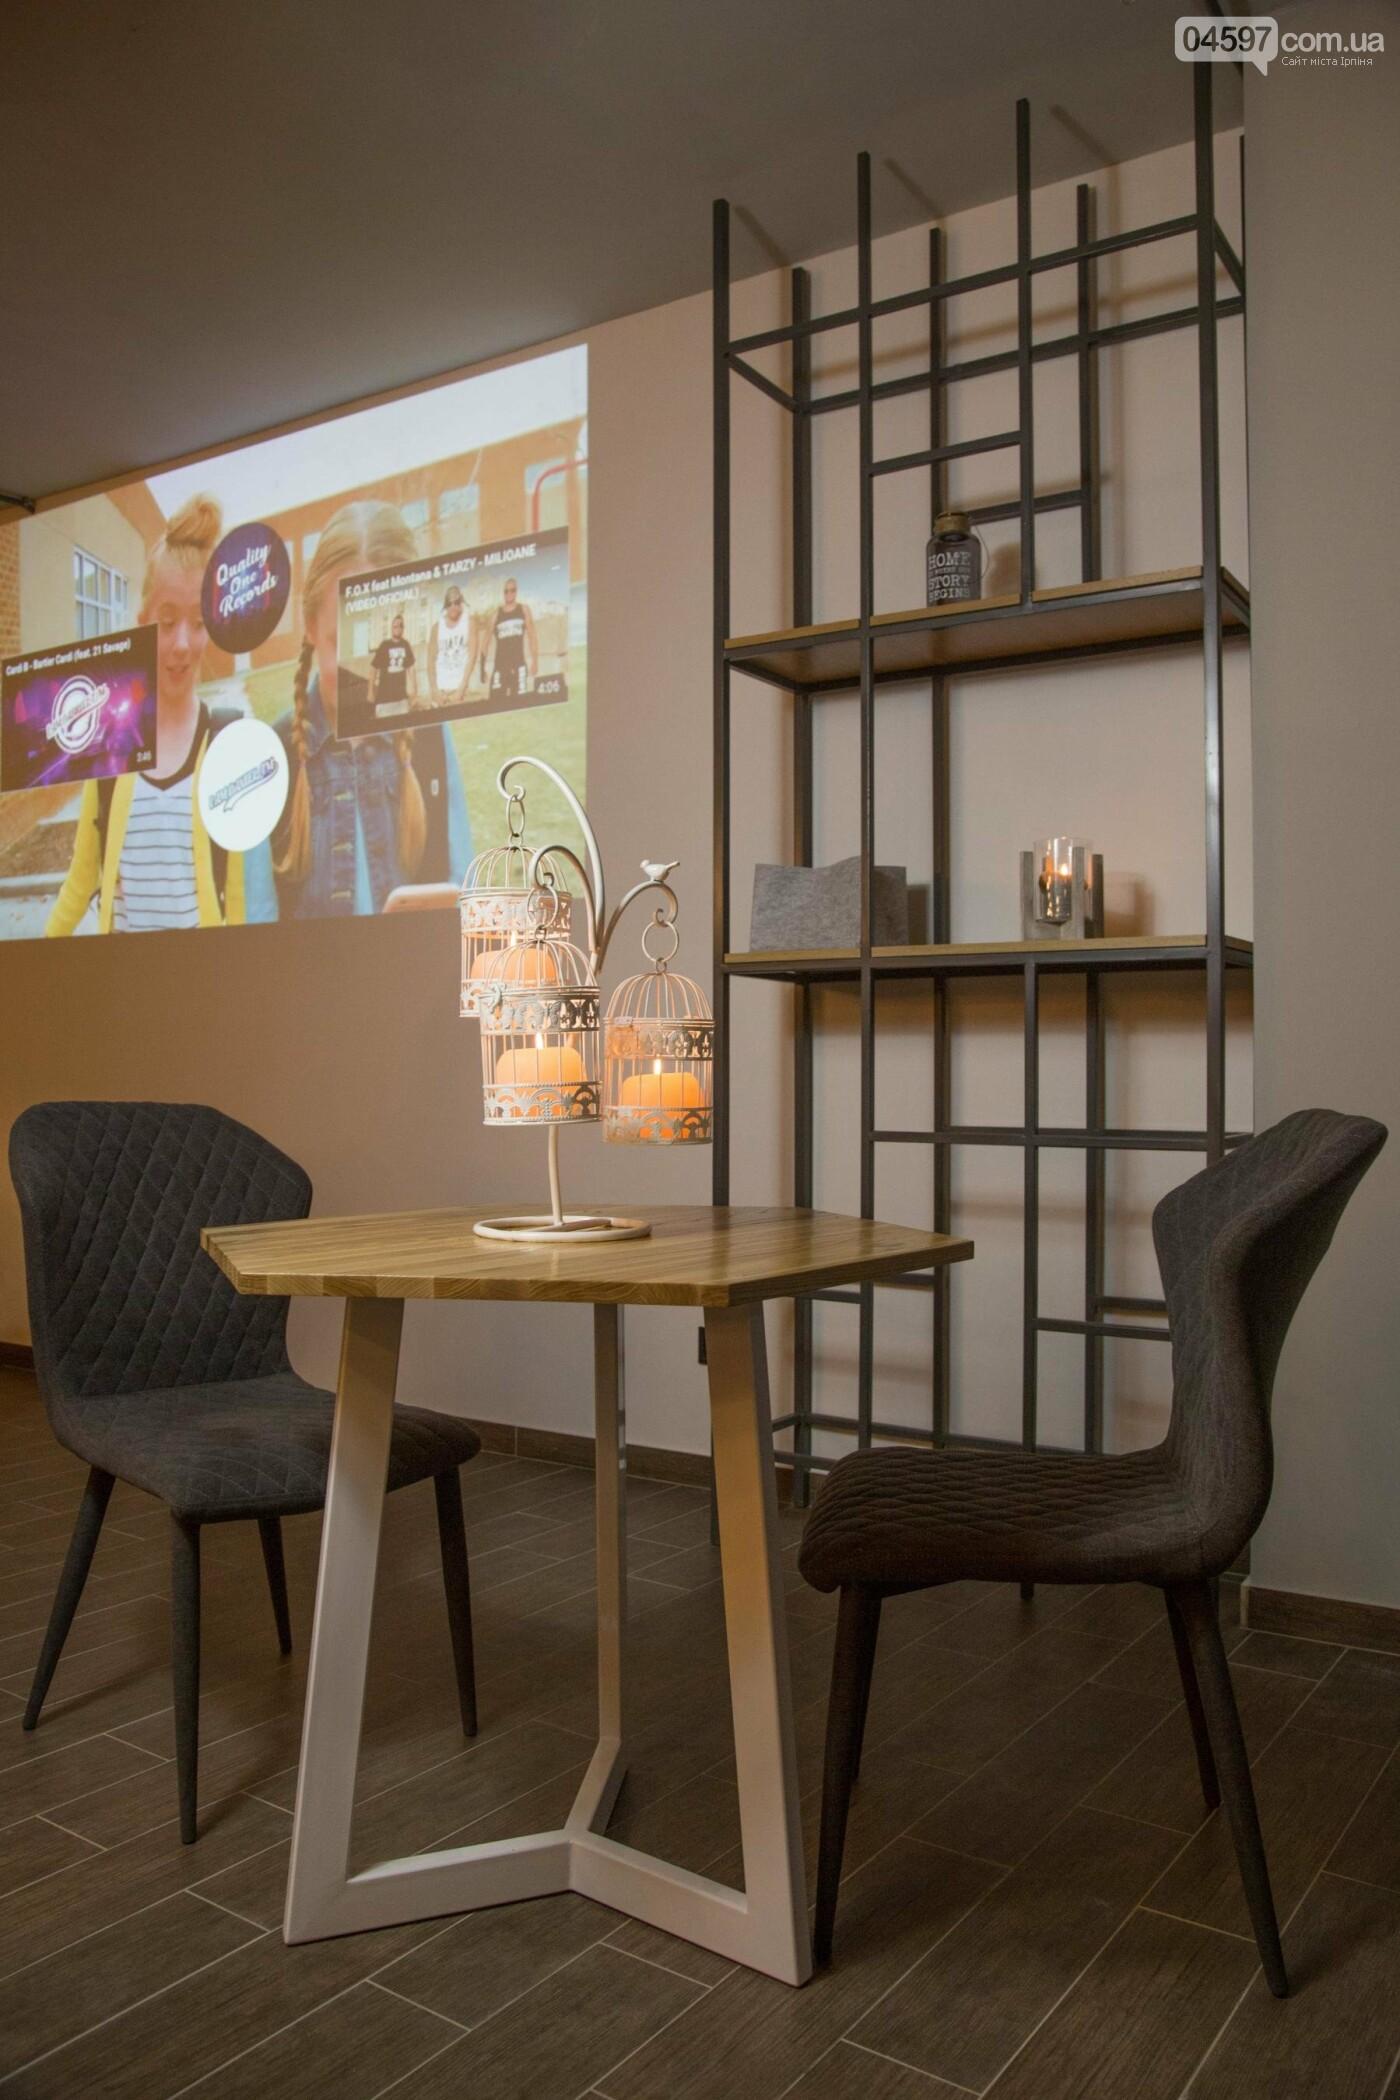 Смарт-кафе «Offshore» – ідеальне місце для роботи та відпочинку, фото-3